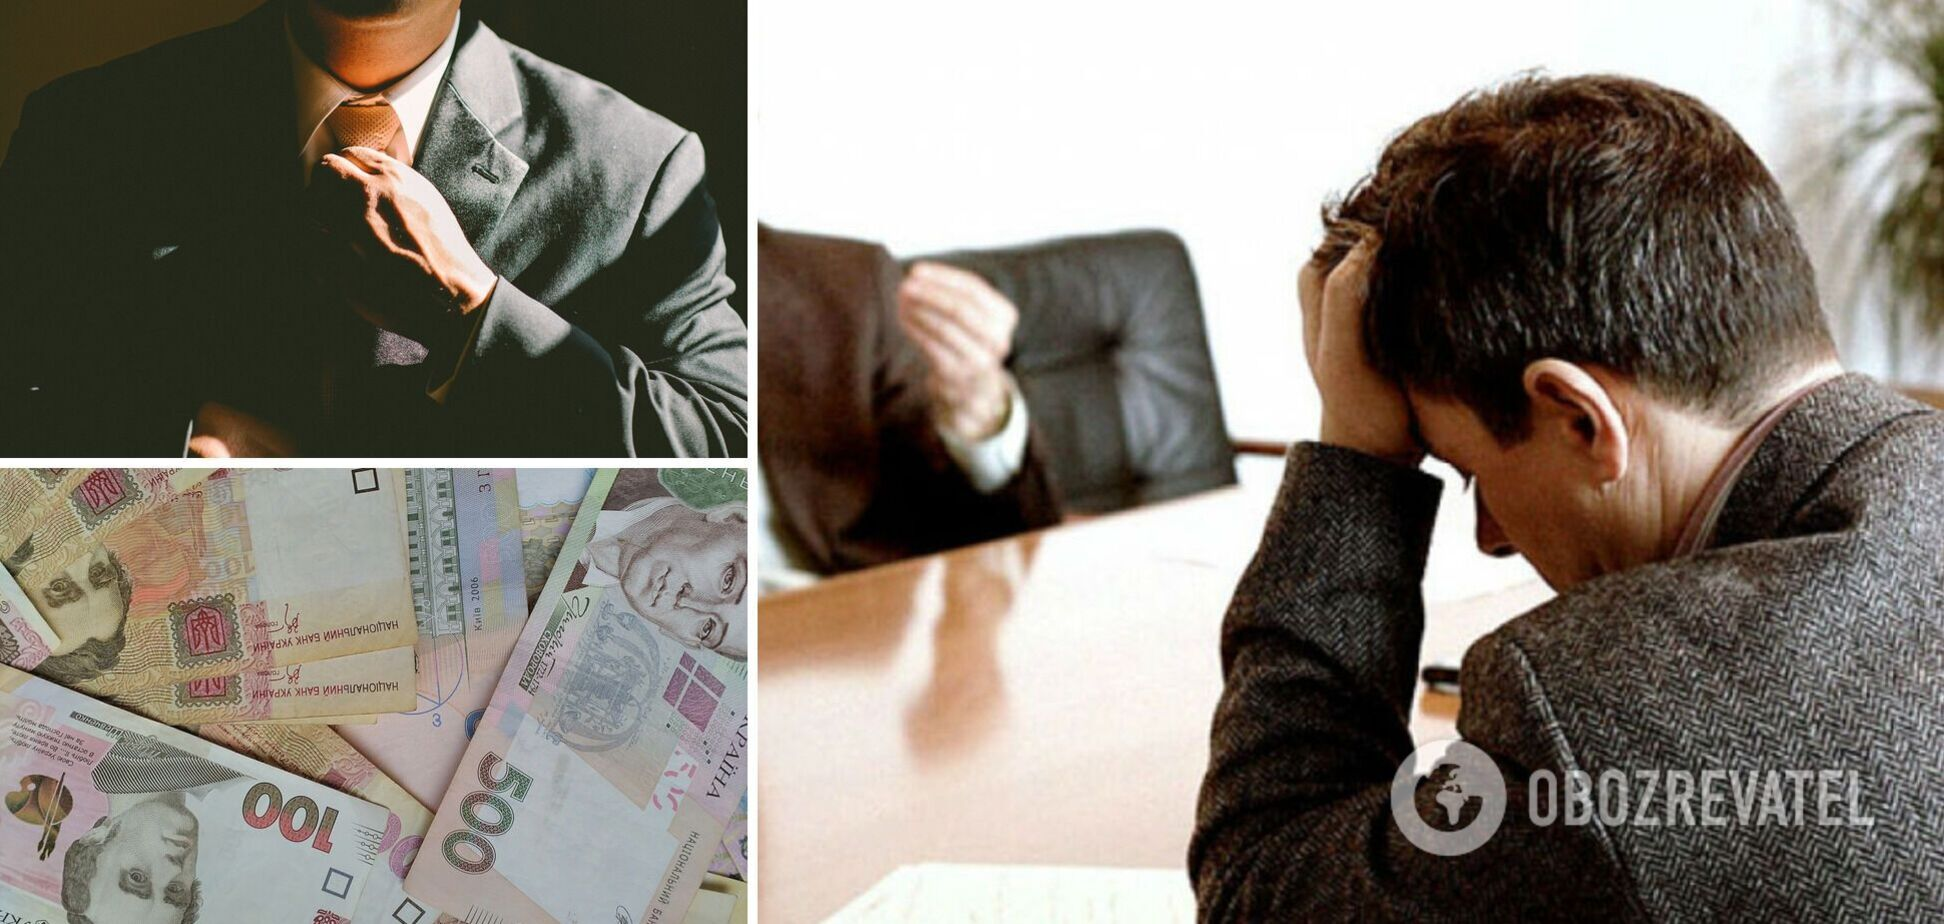 Психологиня розповіла, як потрібно правильно просити начальство про підвищення зарплати